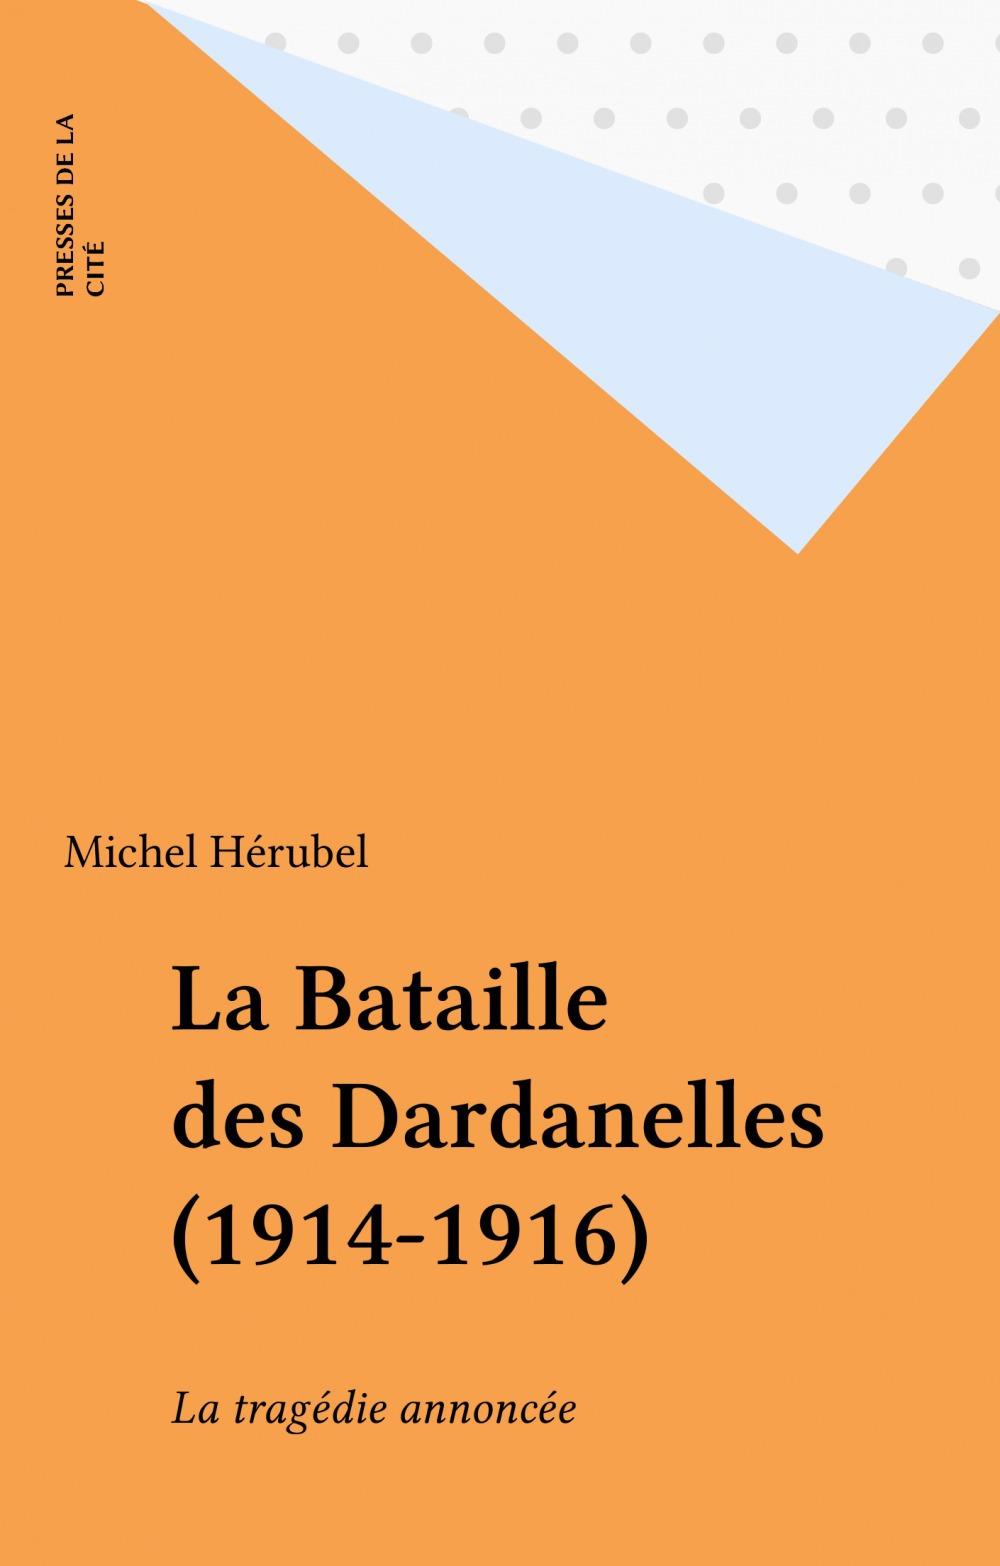 La bataille des dardanelles 1914-1916 ou la tragedie annoncee